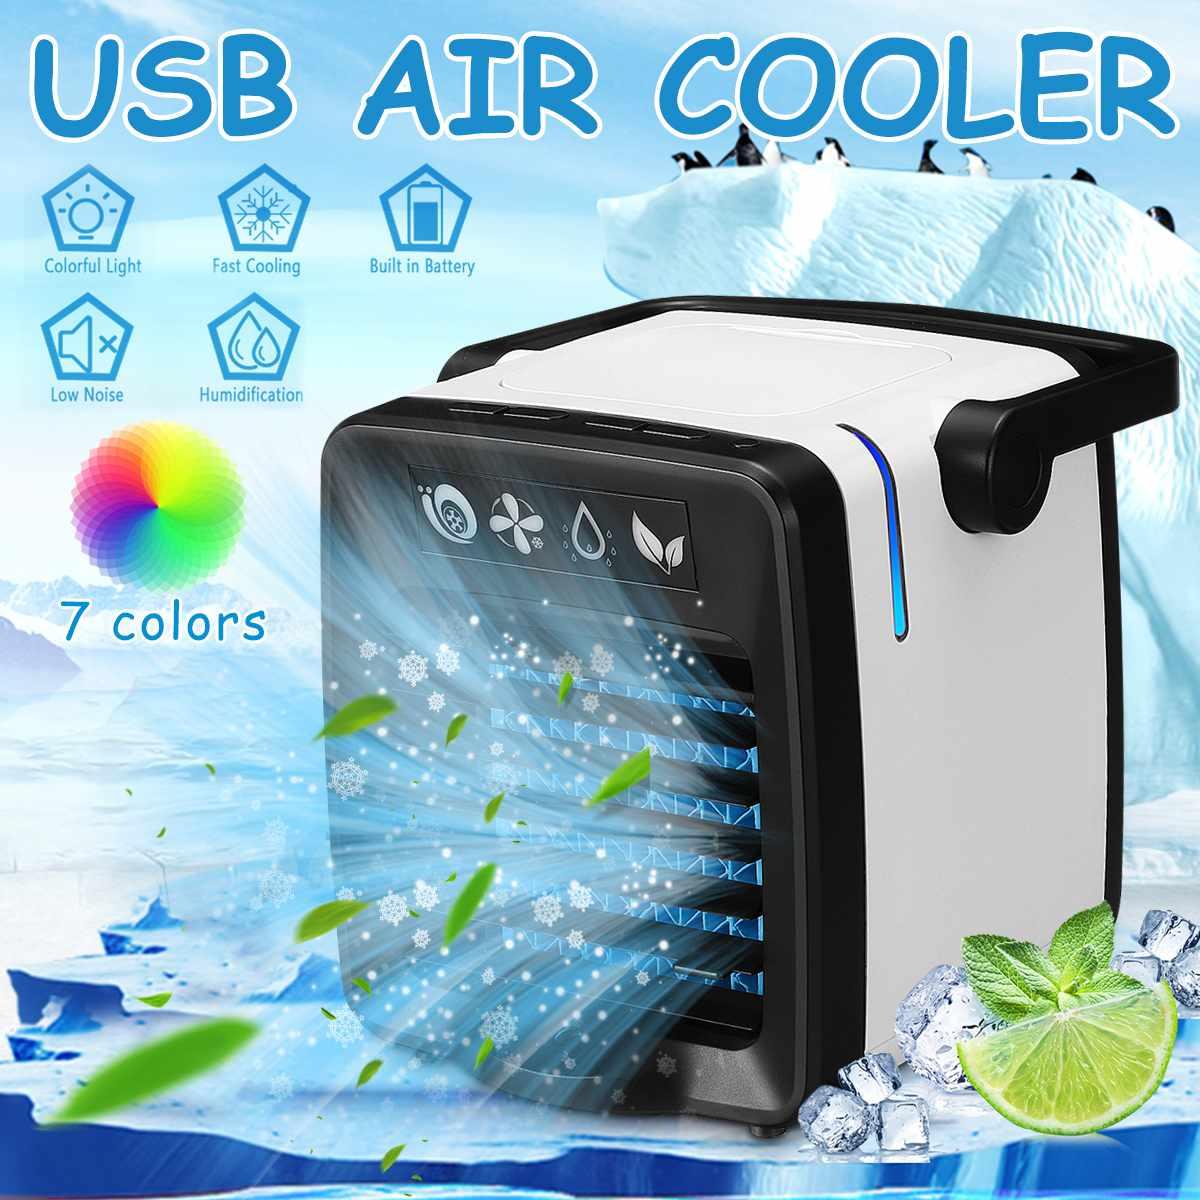 3 Velocidades Ajustable para Hogar Oficina Nuevo Mini Enfriador Port/átil USB Aire Acondicionado 3 en 1 Ventilador Purificador Humidificador 7 Colores D.R